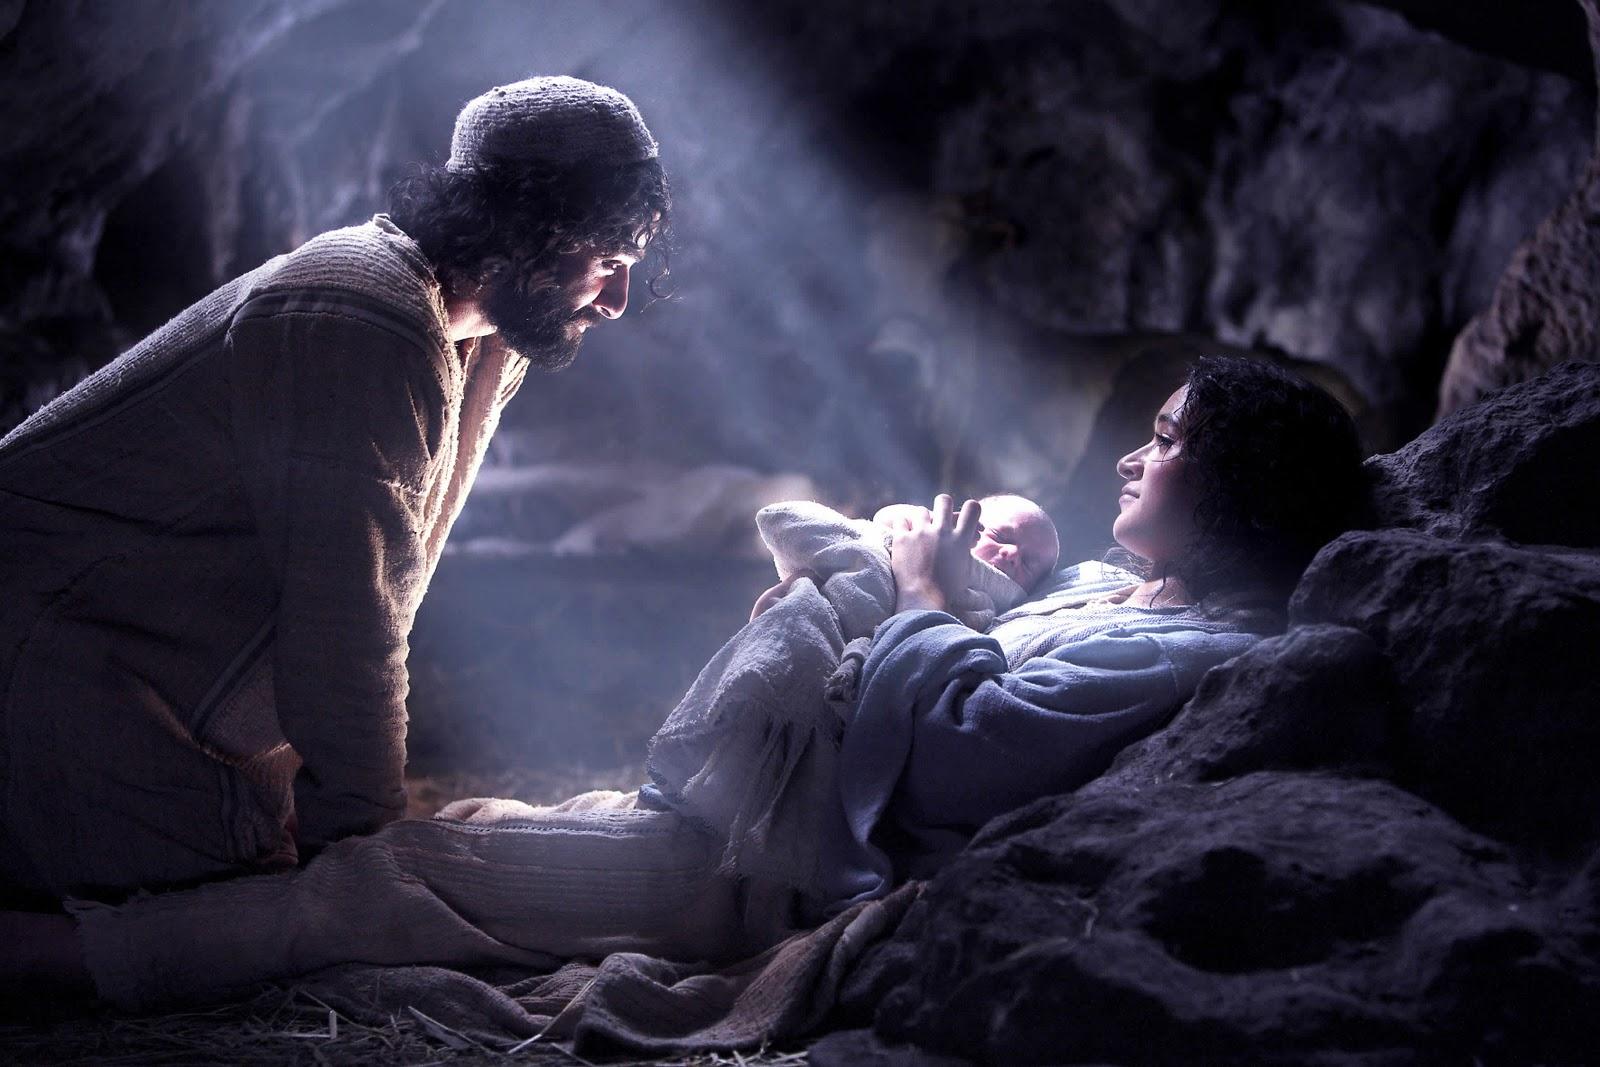 imagens animadas para celular de jesus - jesus mensagem recados fotos gifs animados imagens